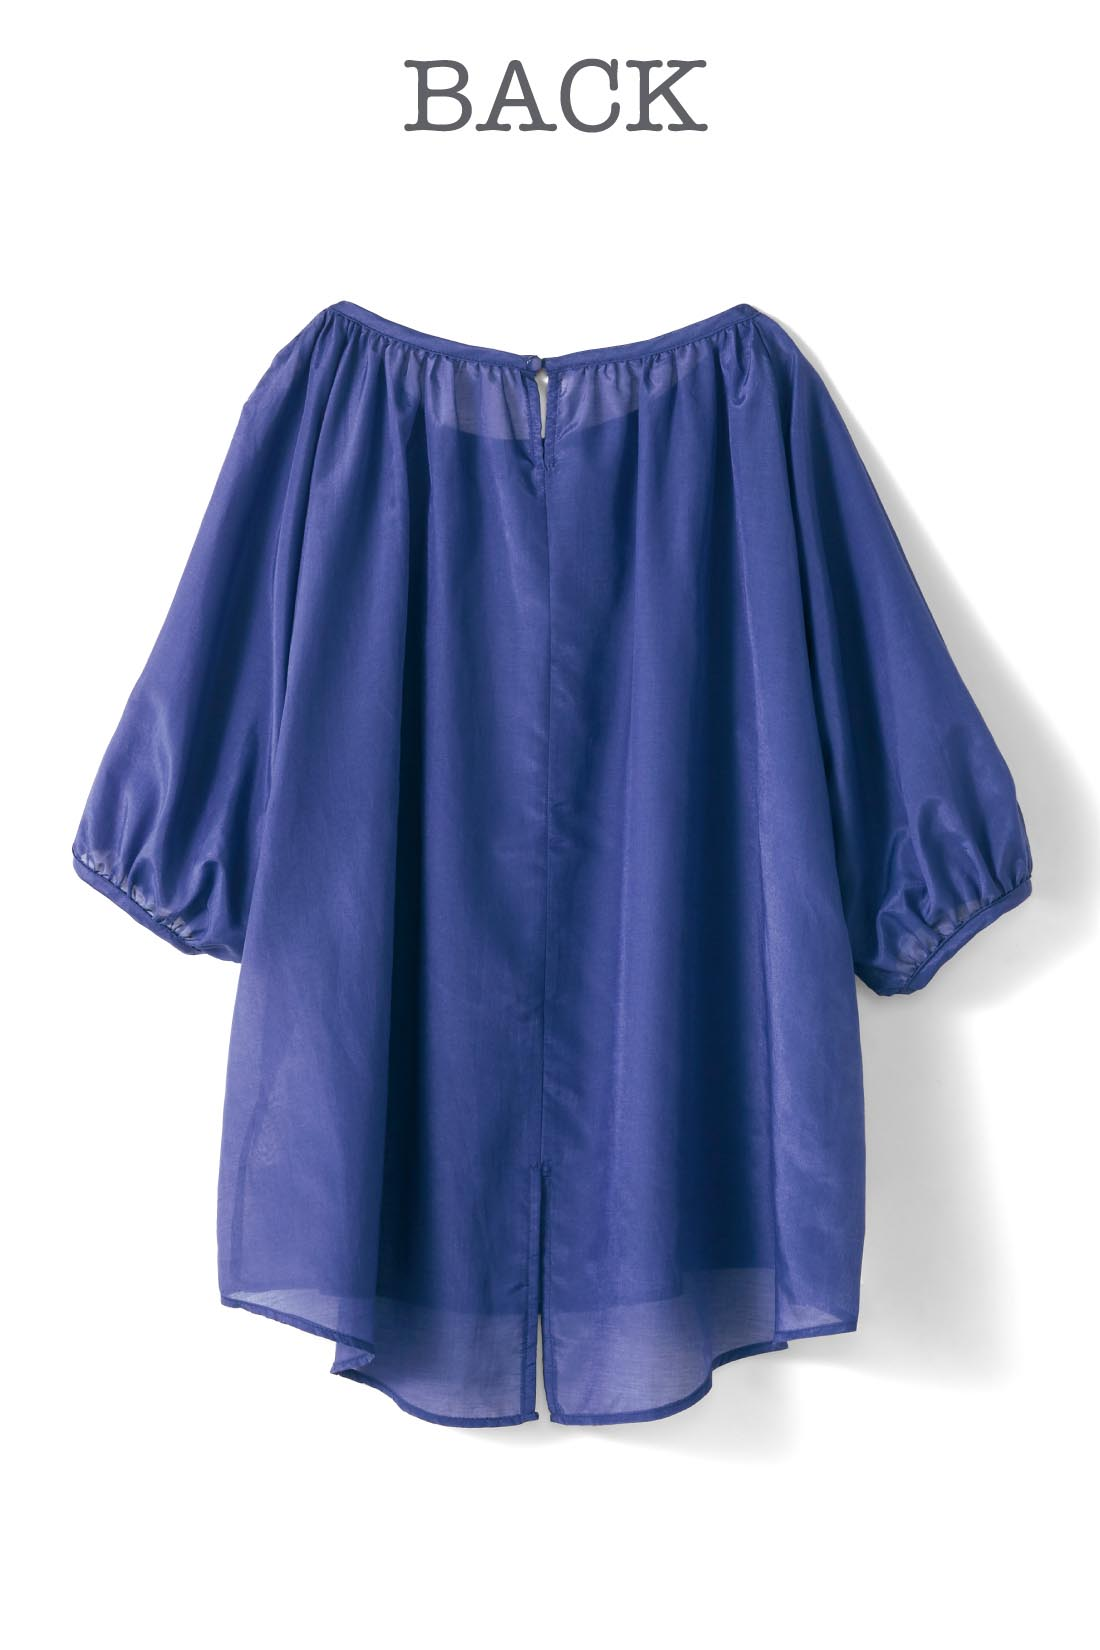 衿ぐりにはアクセントになるボタンがひとつ。すそにバックスリットを入れ、ひらりとかわいいニュアンスに。